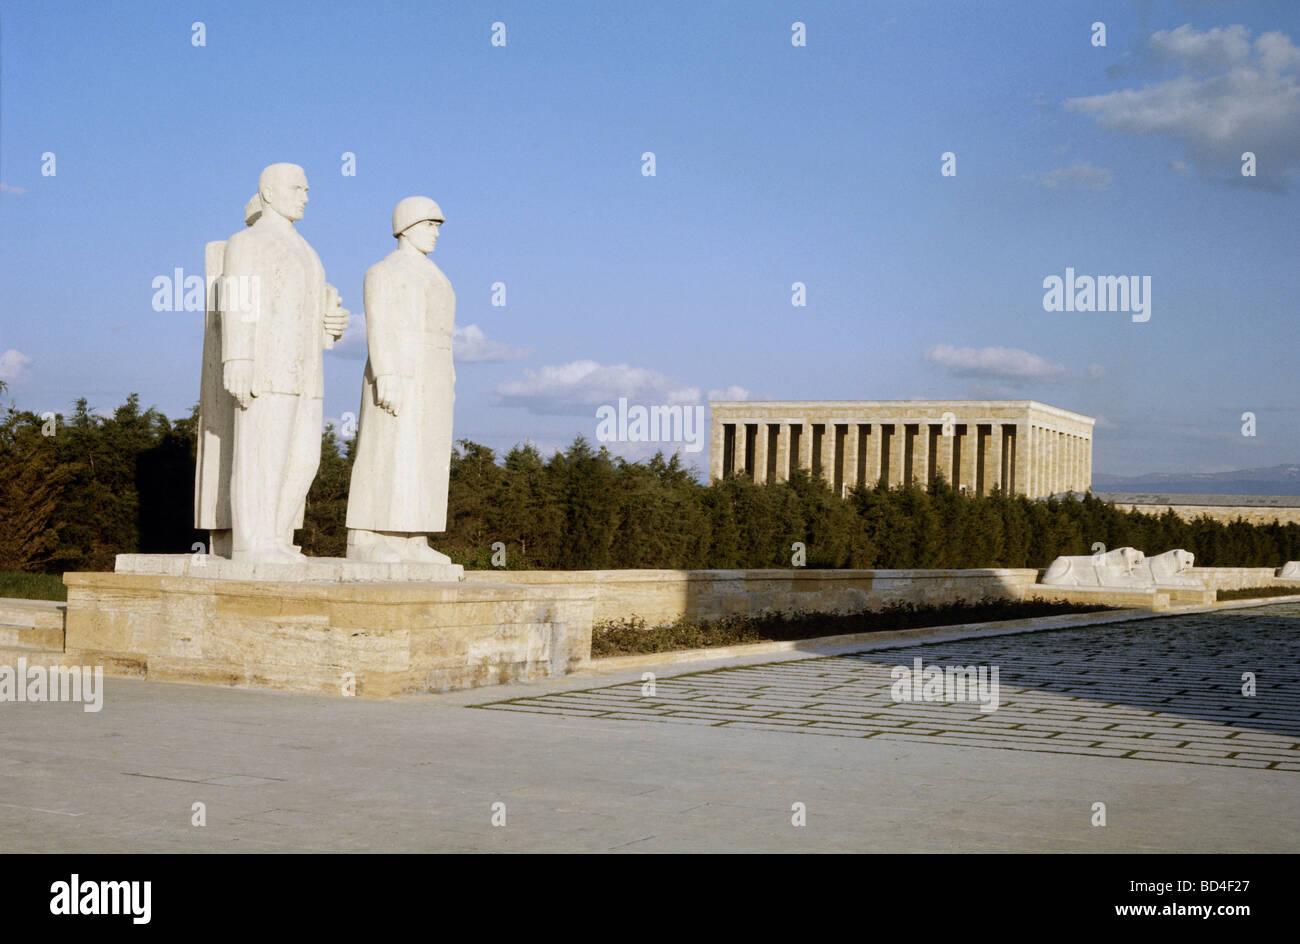 Kemal Atatuerk Mustafa, 12.3.1881 - 10.11.1938, político turco, Presidente de la República de Turquía Imagen De Stock